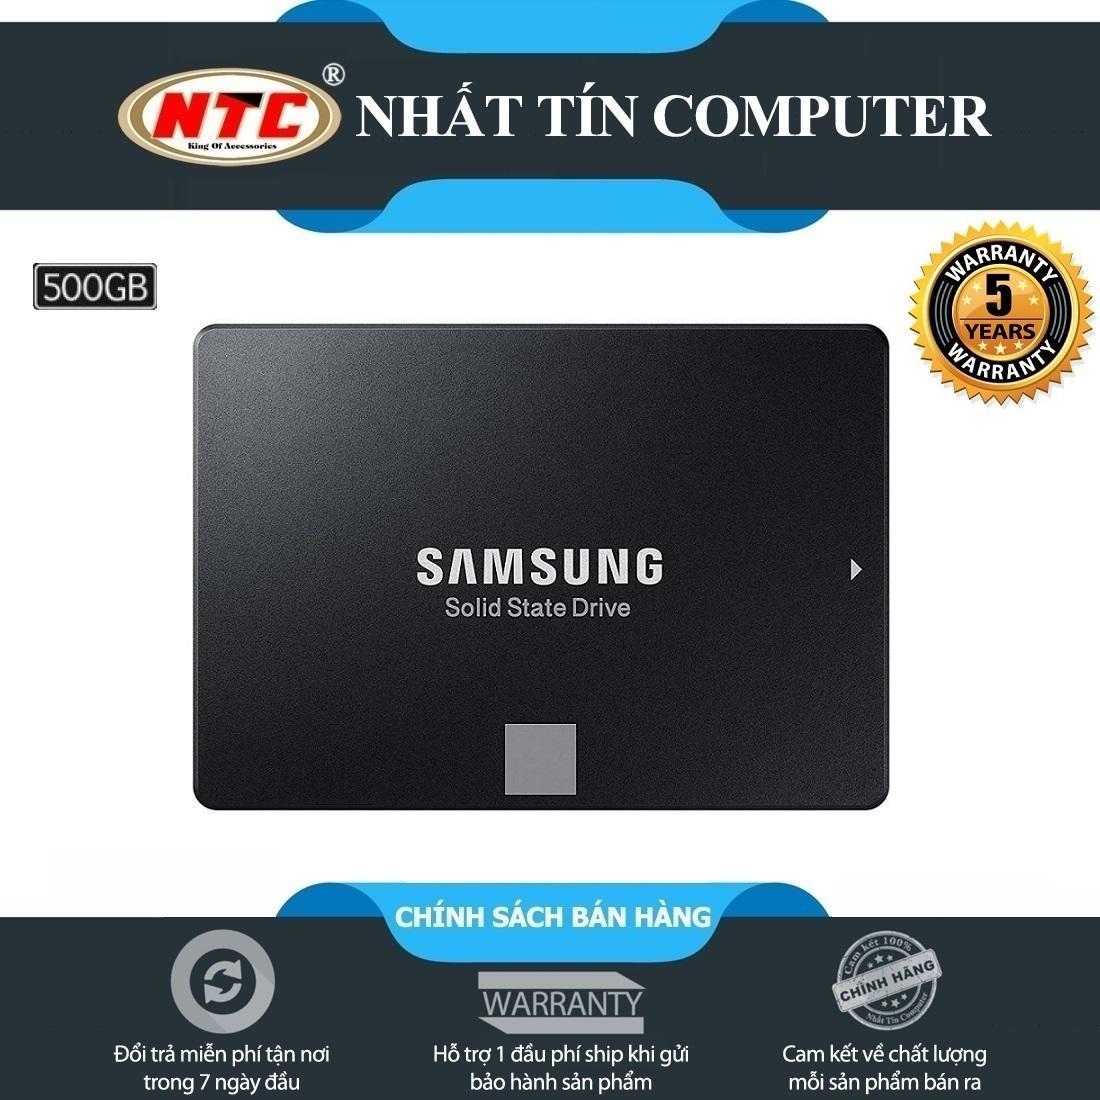 Hình ảnh Ổ cứng SSD Samsung 860 Evo 500GB 2.5-Inch SATA III - box Hoa (Đen) - Bảo hành 5 năm